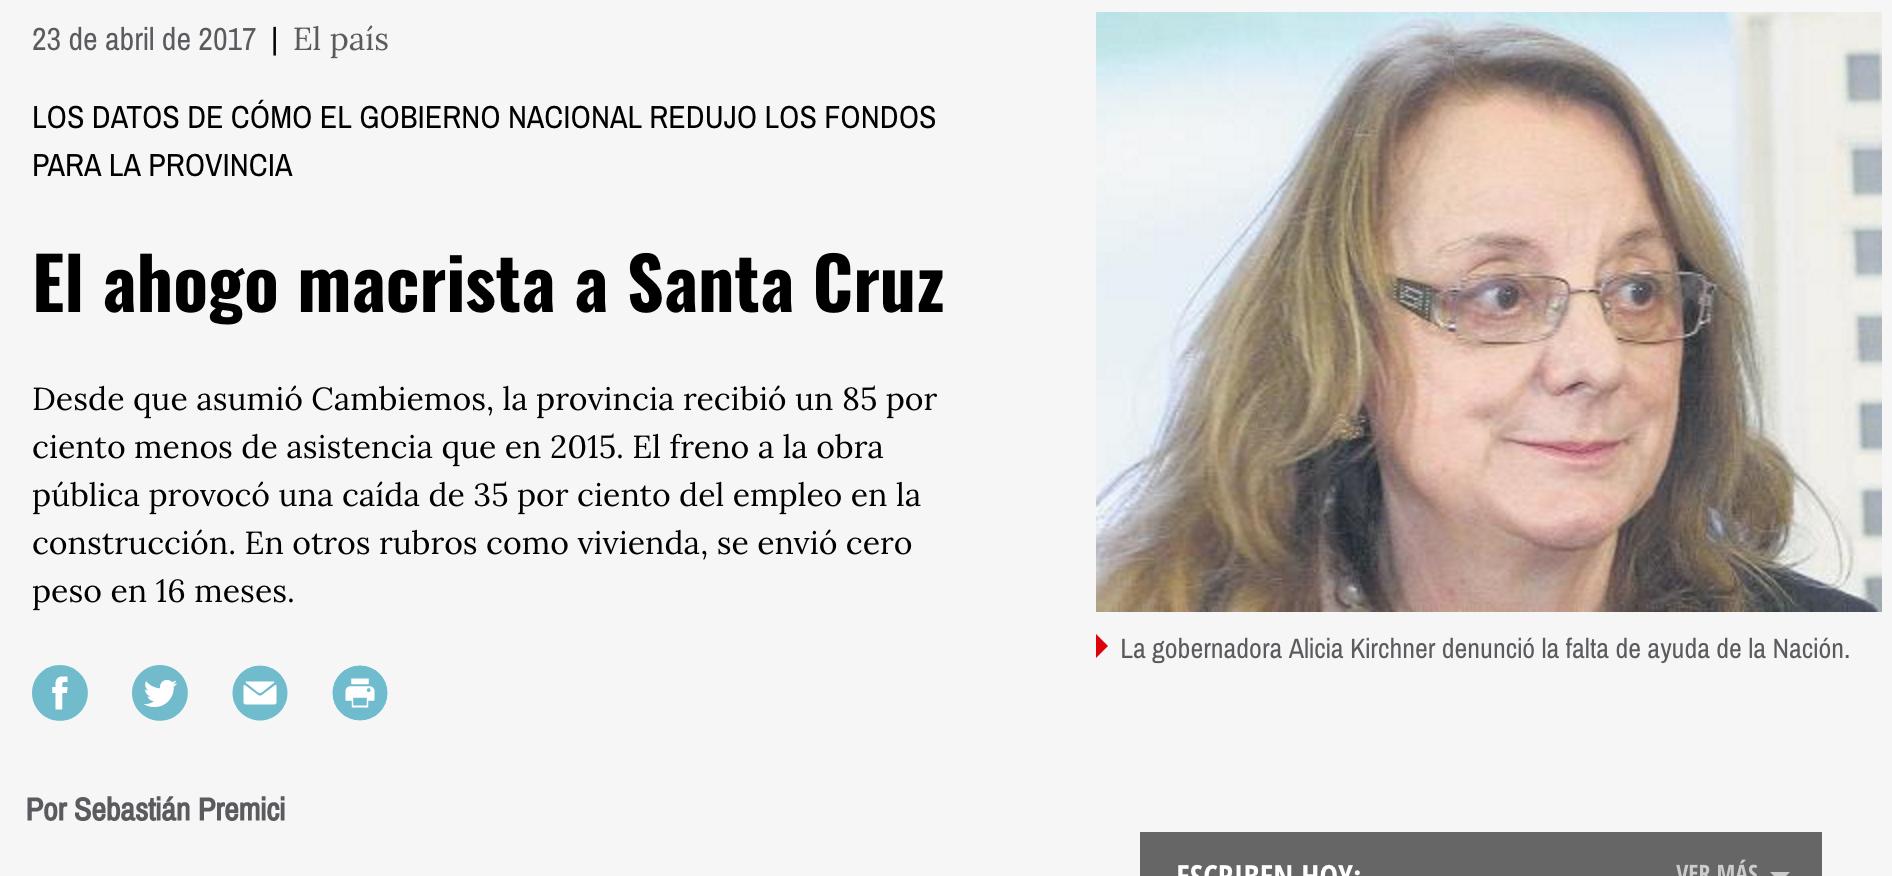 """Página 12: """"Ahogo financiero a Santa Cruz"""""""